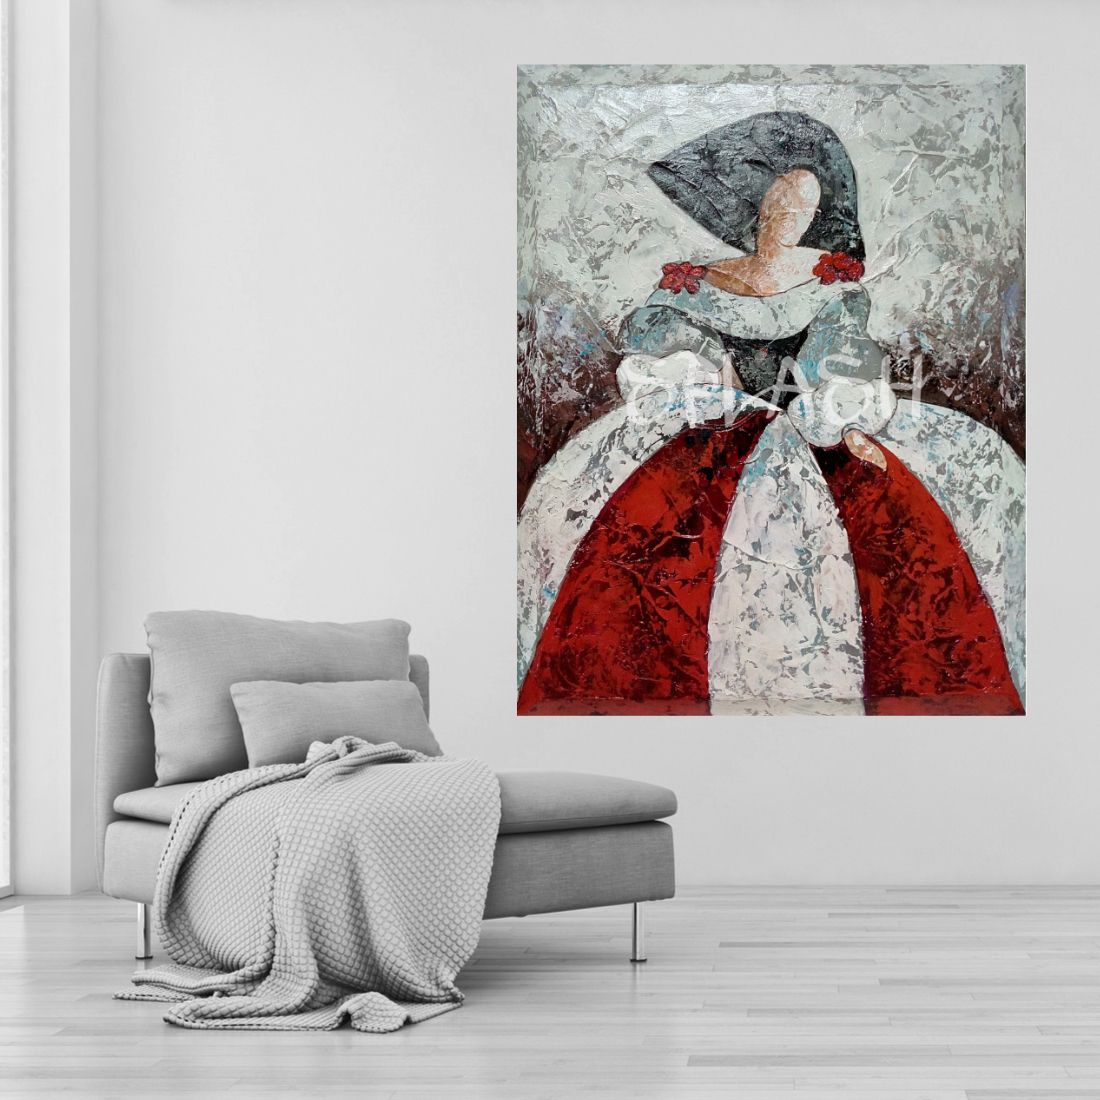 Tiendas de cuadros modernos decorativos cuadros splash abstractos meninas modernas - Cuadros de meninas modernos ...